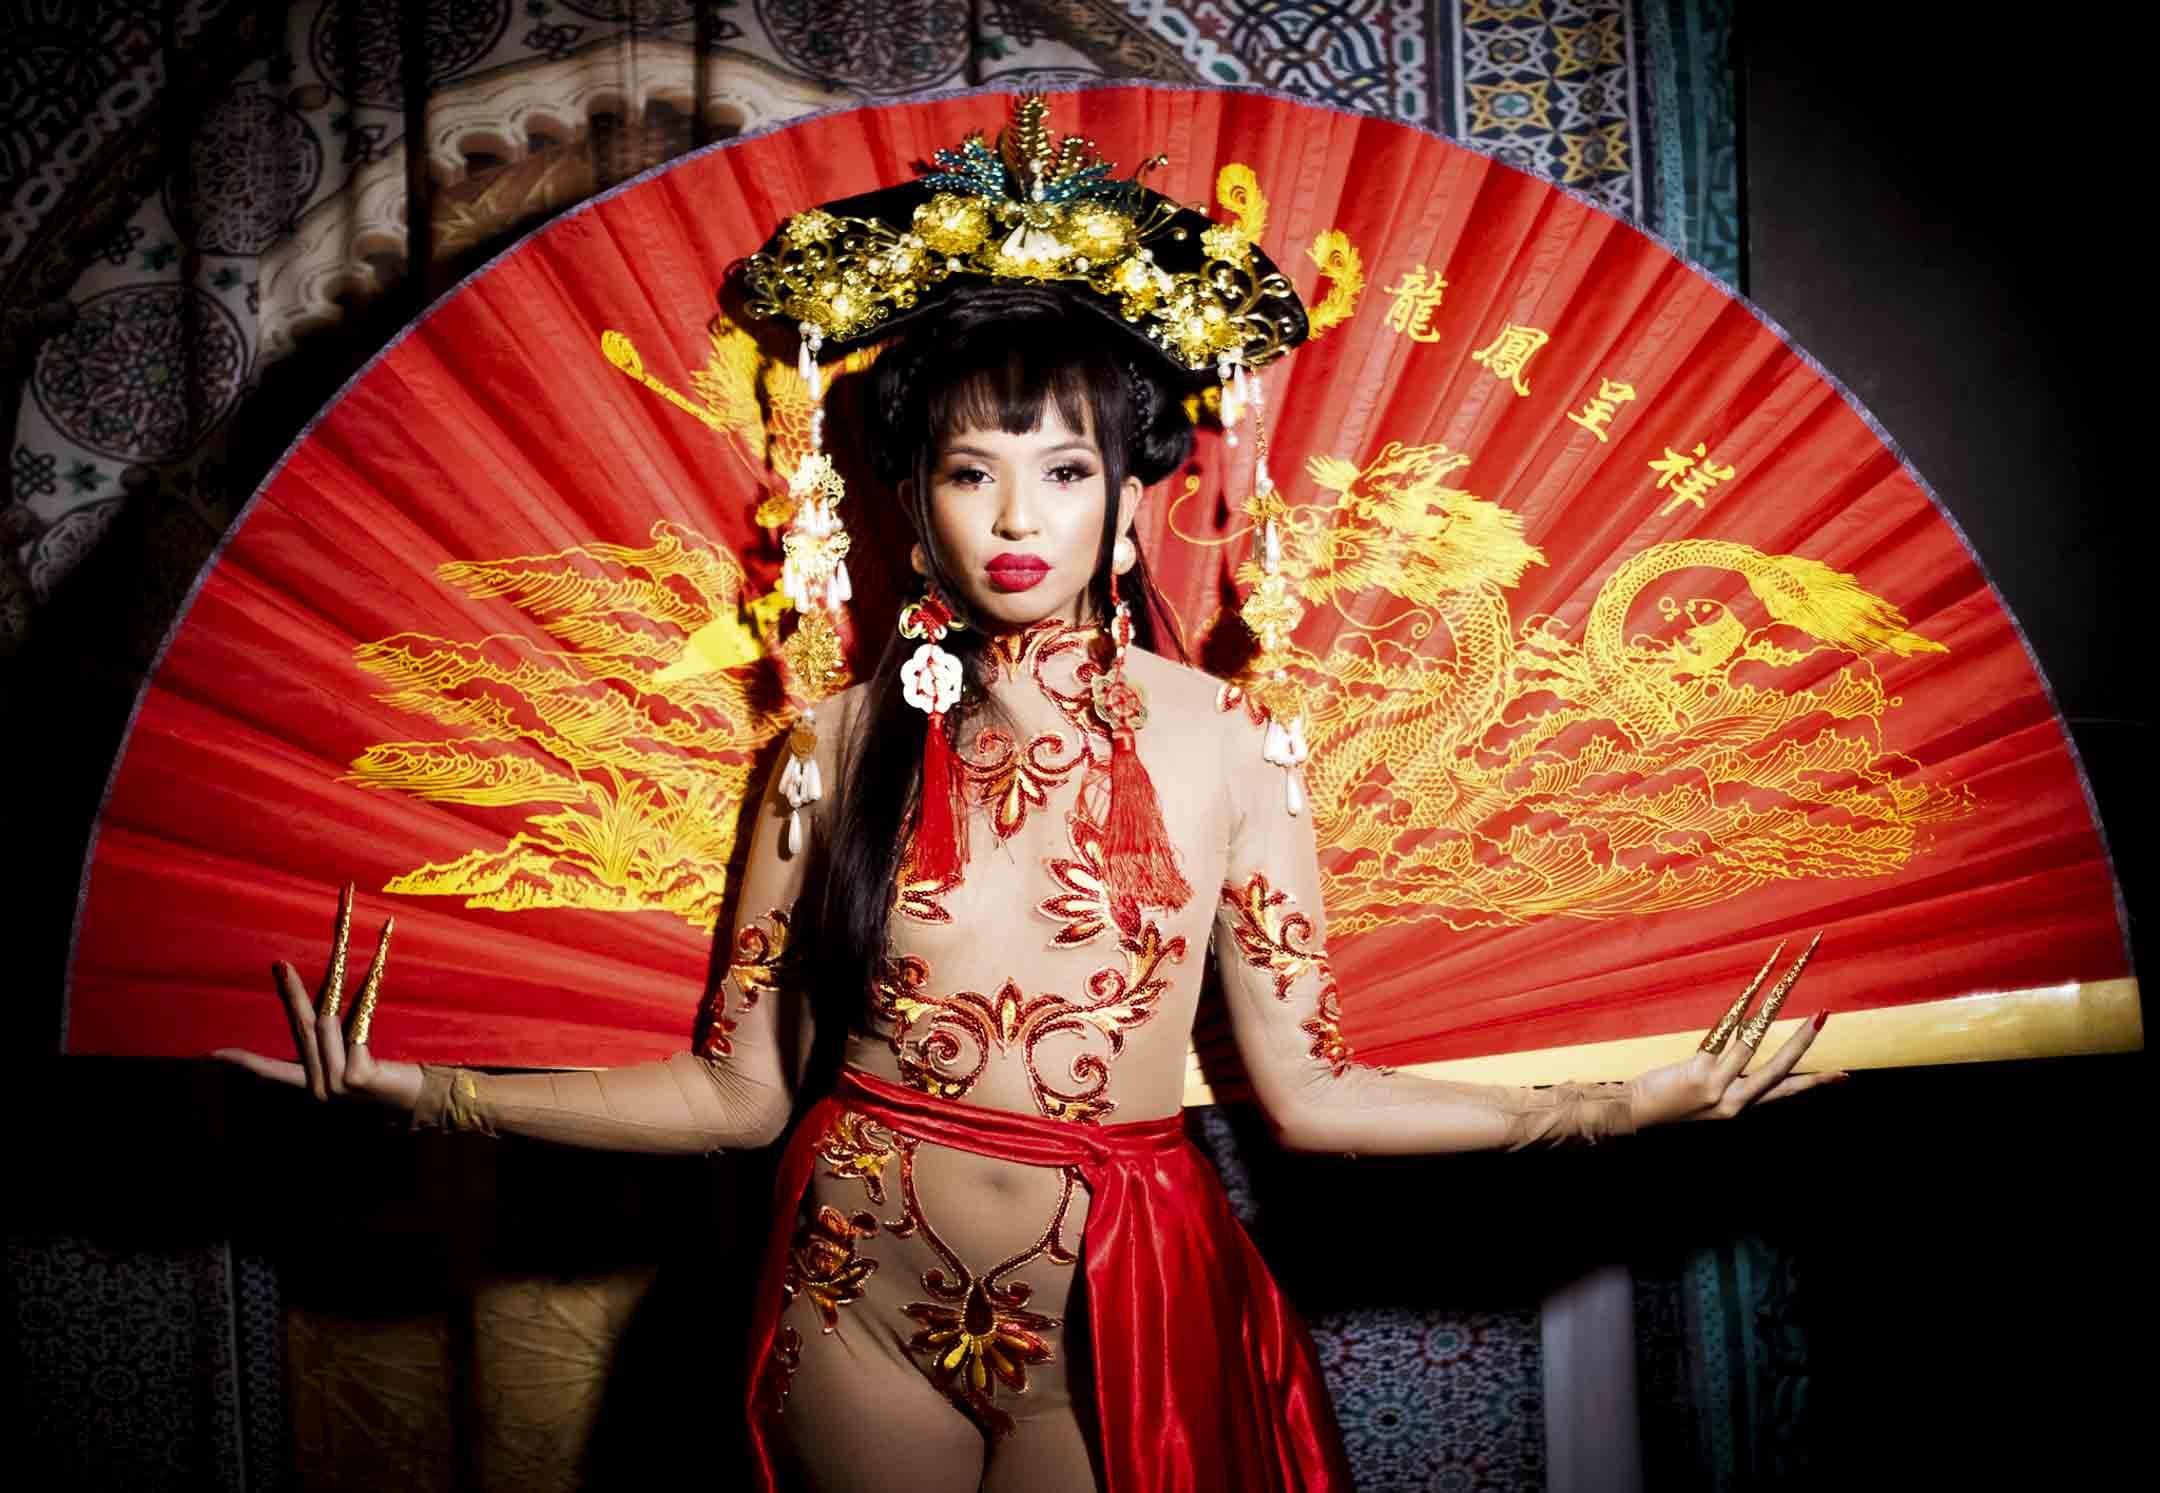 頭頂清宮頭飾,身著裸色繡花連體衣的菲律賓裔變裝皇后K Rizz。 攝影:Alexandra Cuerdo